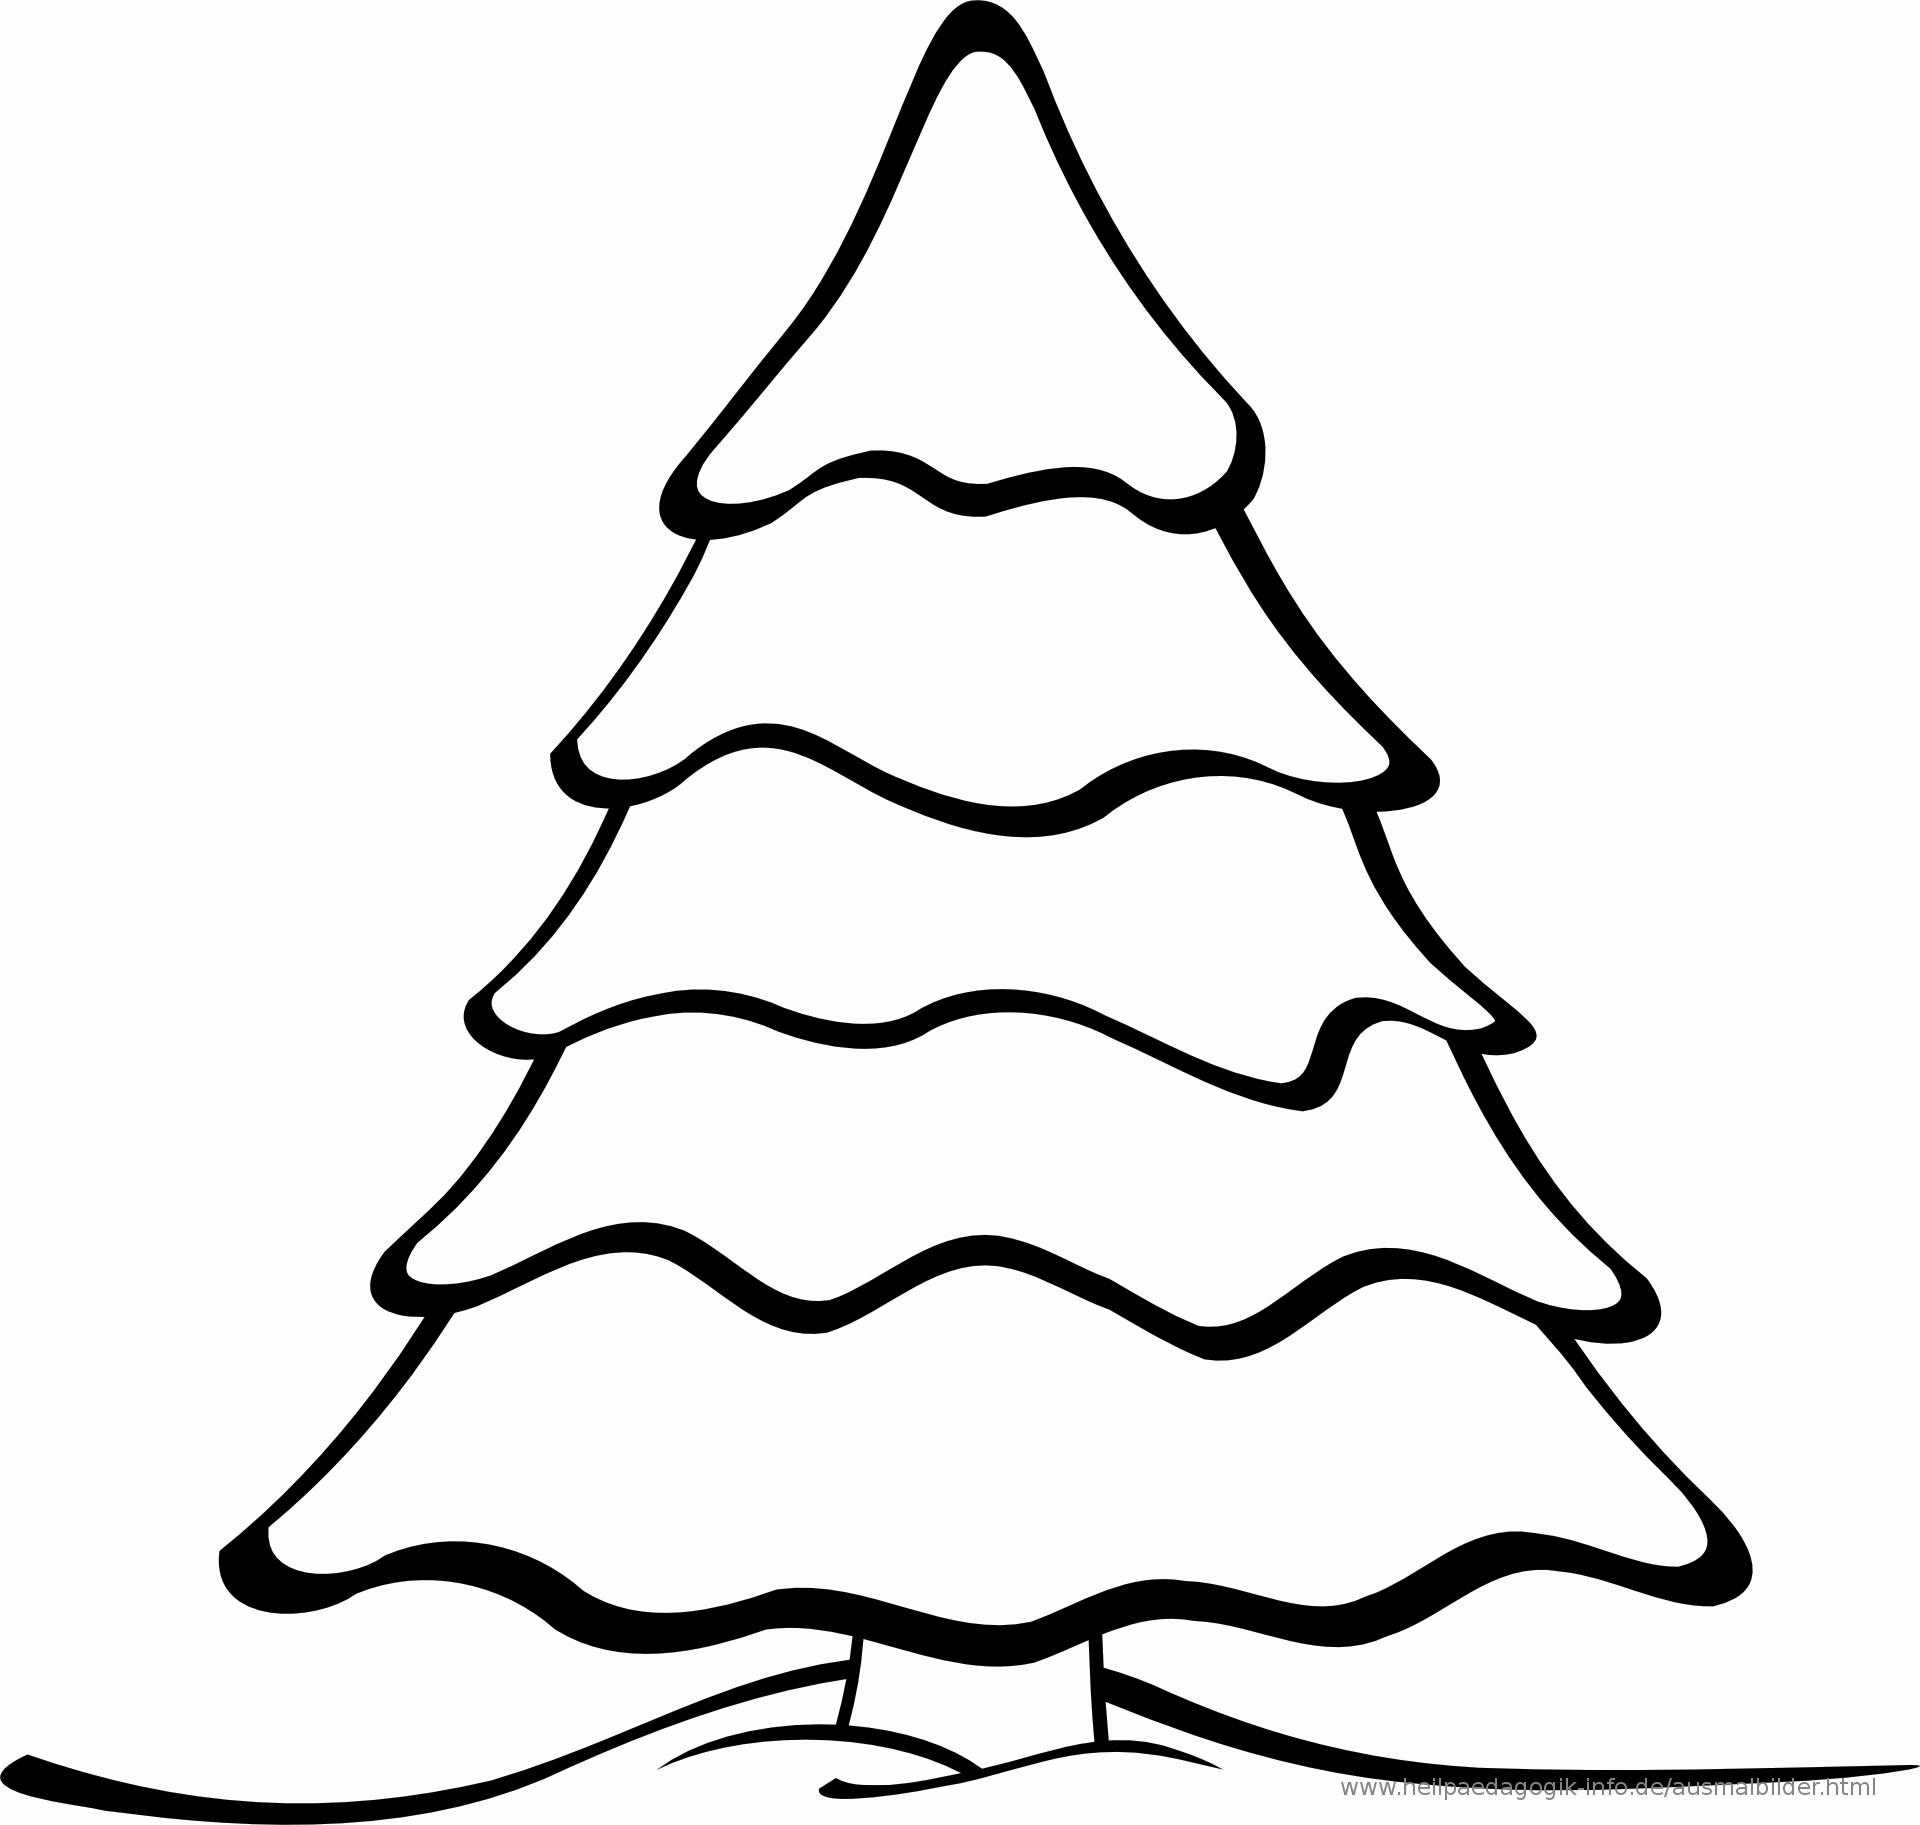 Malvorlagen Tannenbaum Ausdrucken Elegant Ausmalbilder innen Tannenbaum Zum Ausmalen